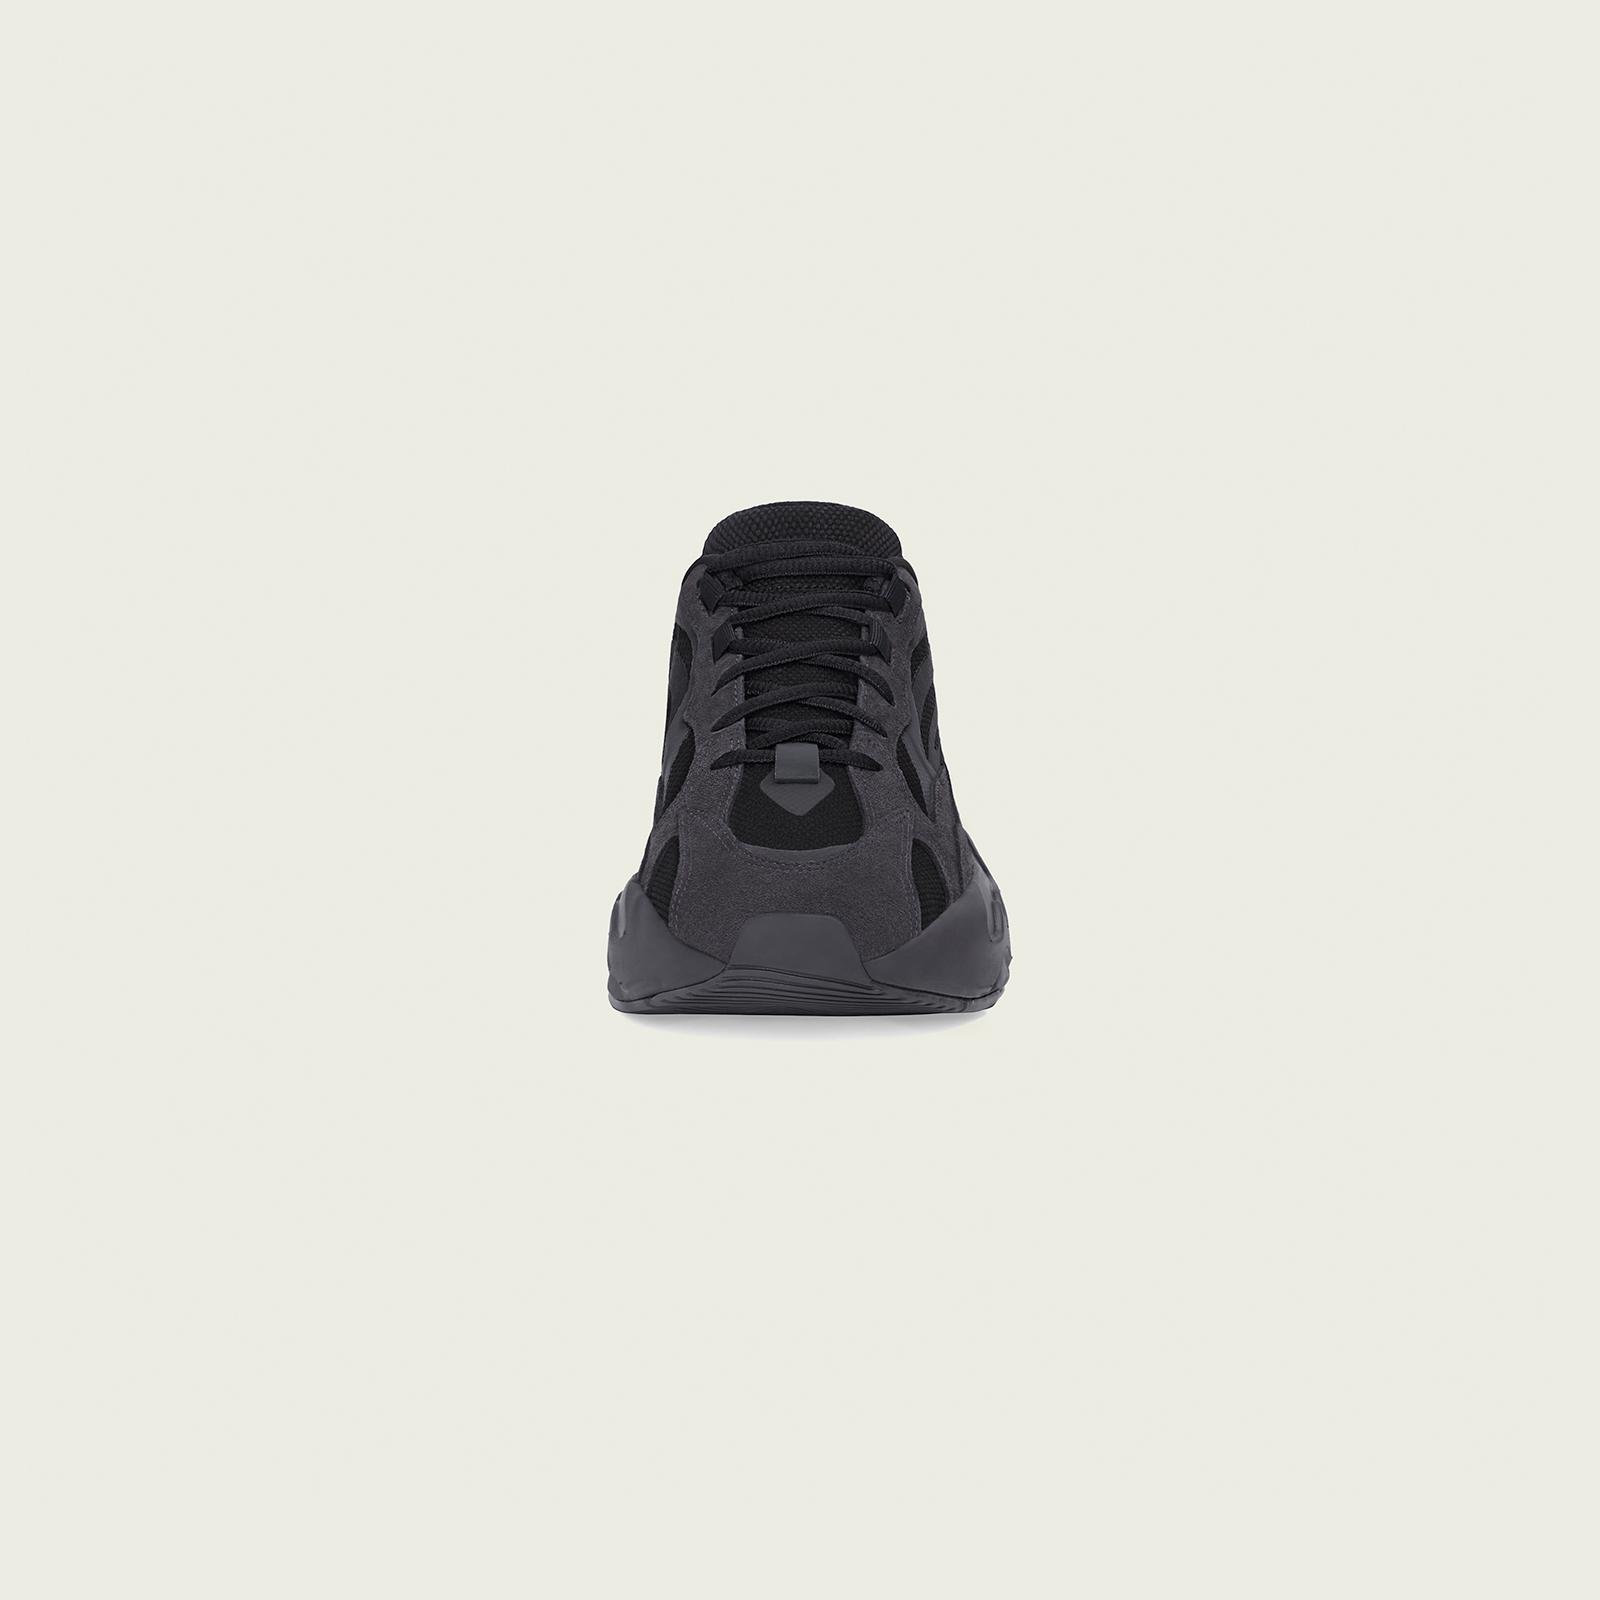 adidas Yeezy Boost 700 V2 - Fu6684